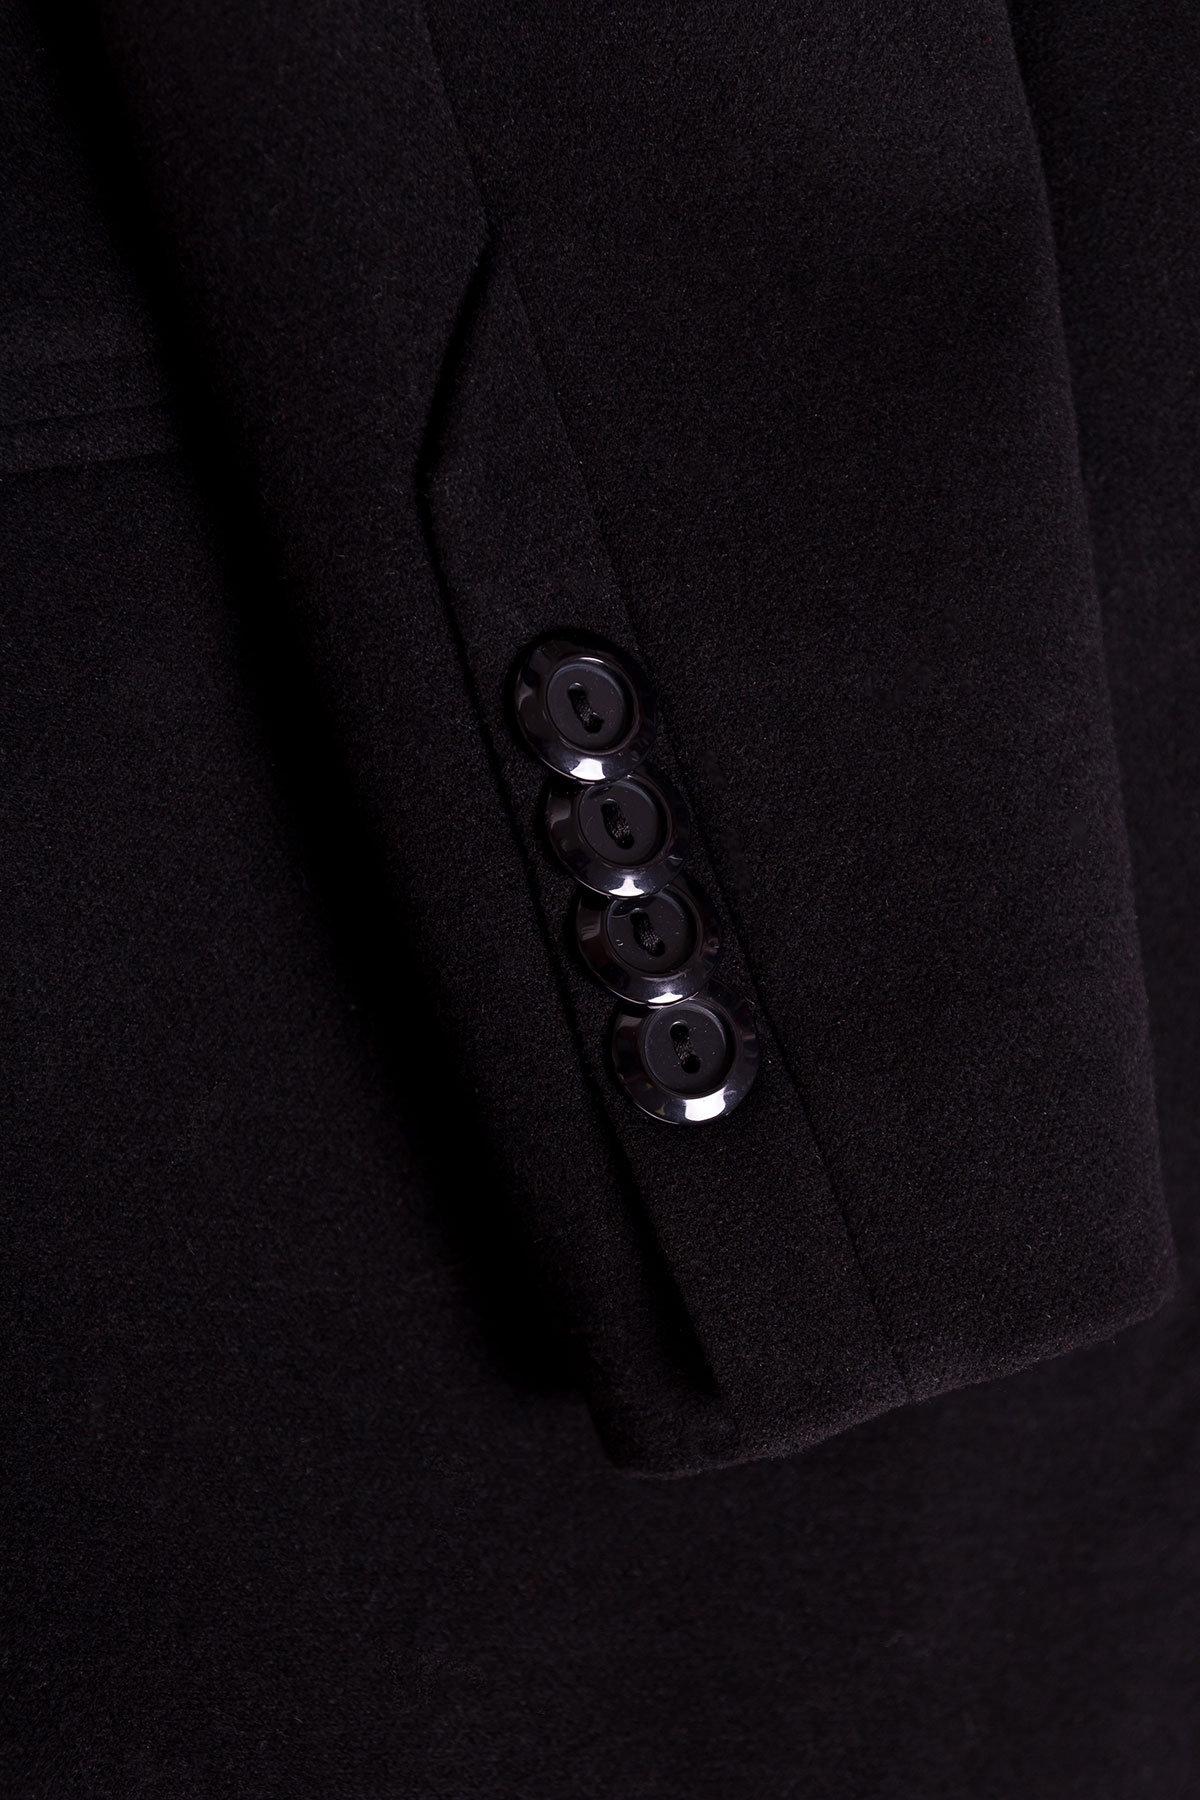 Пальто Кайра 1986 АРТ. 17313 Цвет: Черный - фото 5, интернет магазин tm-modus.ru